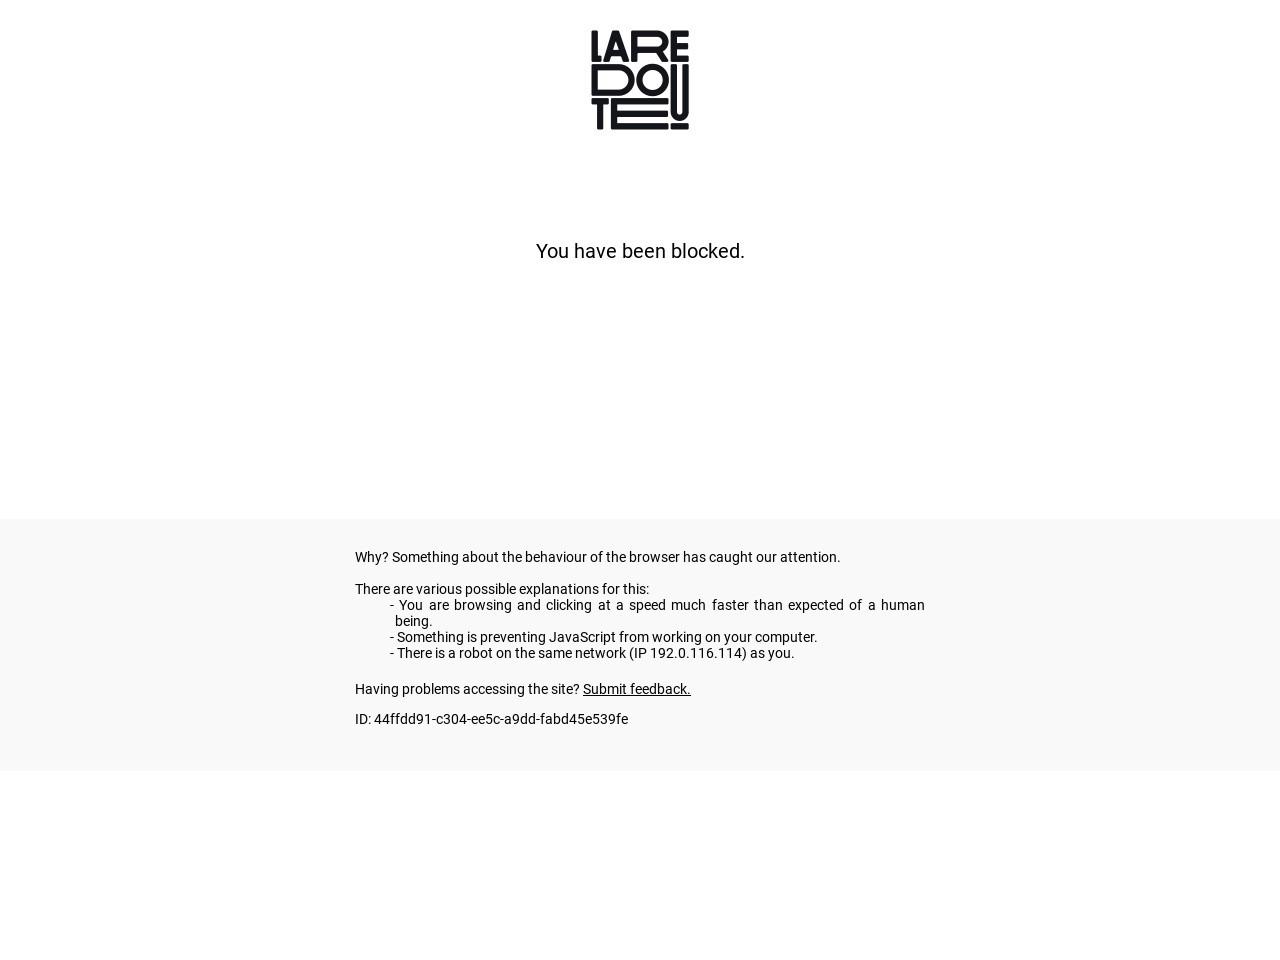 Code promo La Redoute -25% sur votre Article Préféré Beauté